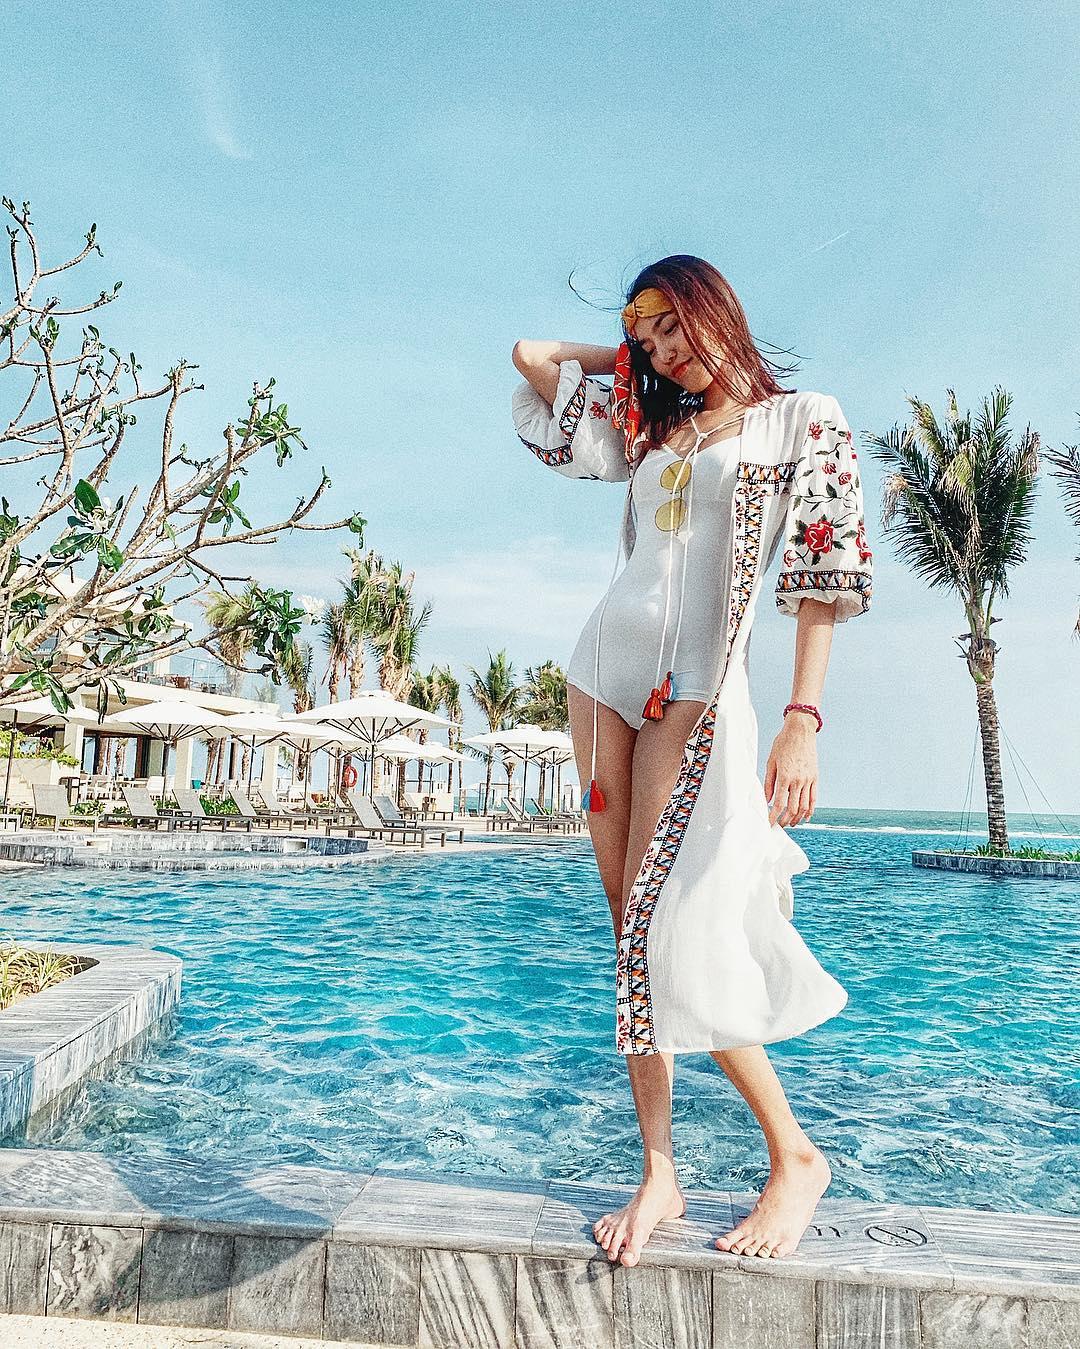 đồ bơi nữ một mảnh màu trắng mặc cùng áo khoác mỏng